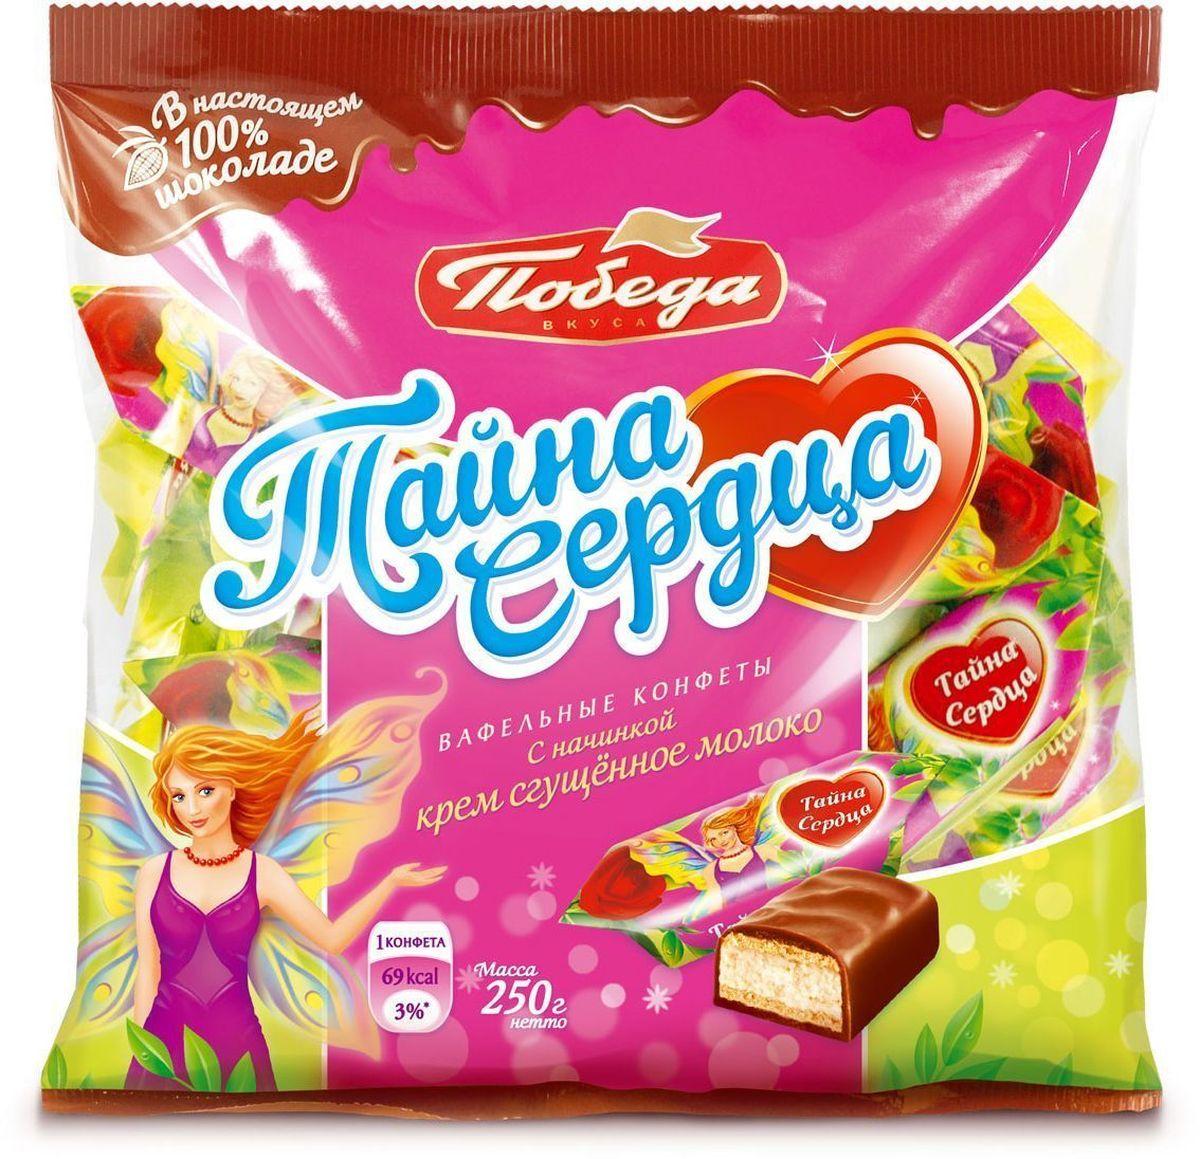 Победа вкуса Тайна сердца вафельные конфеты с начинкой крем сгущенное молоко в молочном шоколаде, 250 г союзконсервмолоко советское молоко сгущенное 270 г